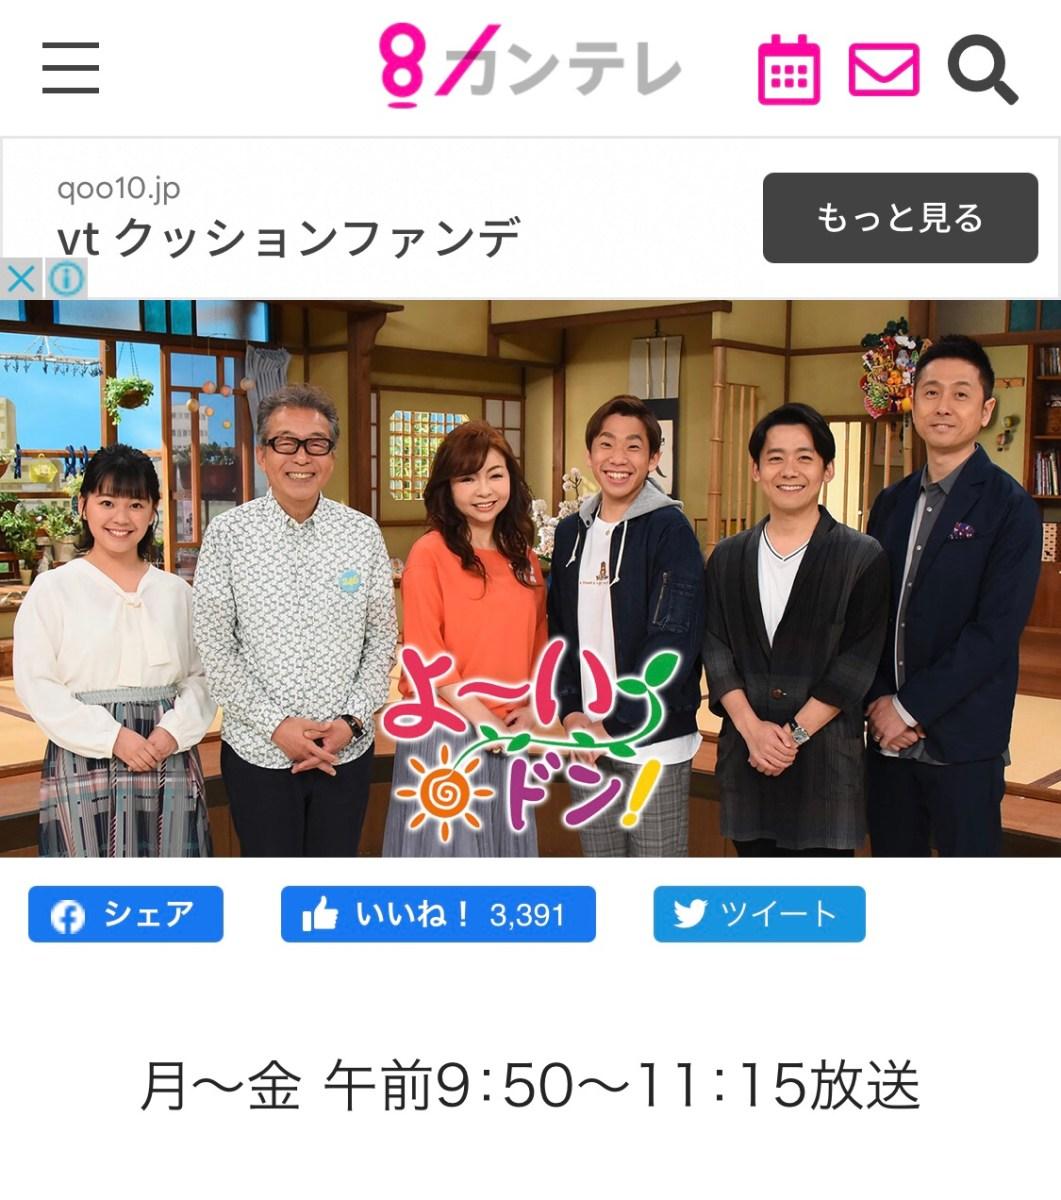 関西テレビさん「よ〜いドン!」を見て頂いた方へ